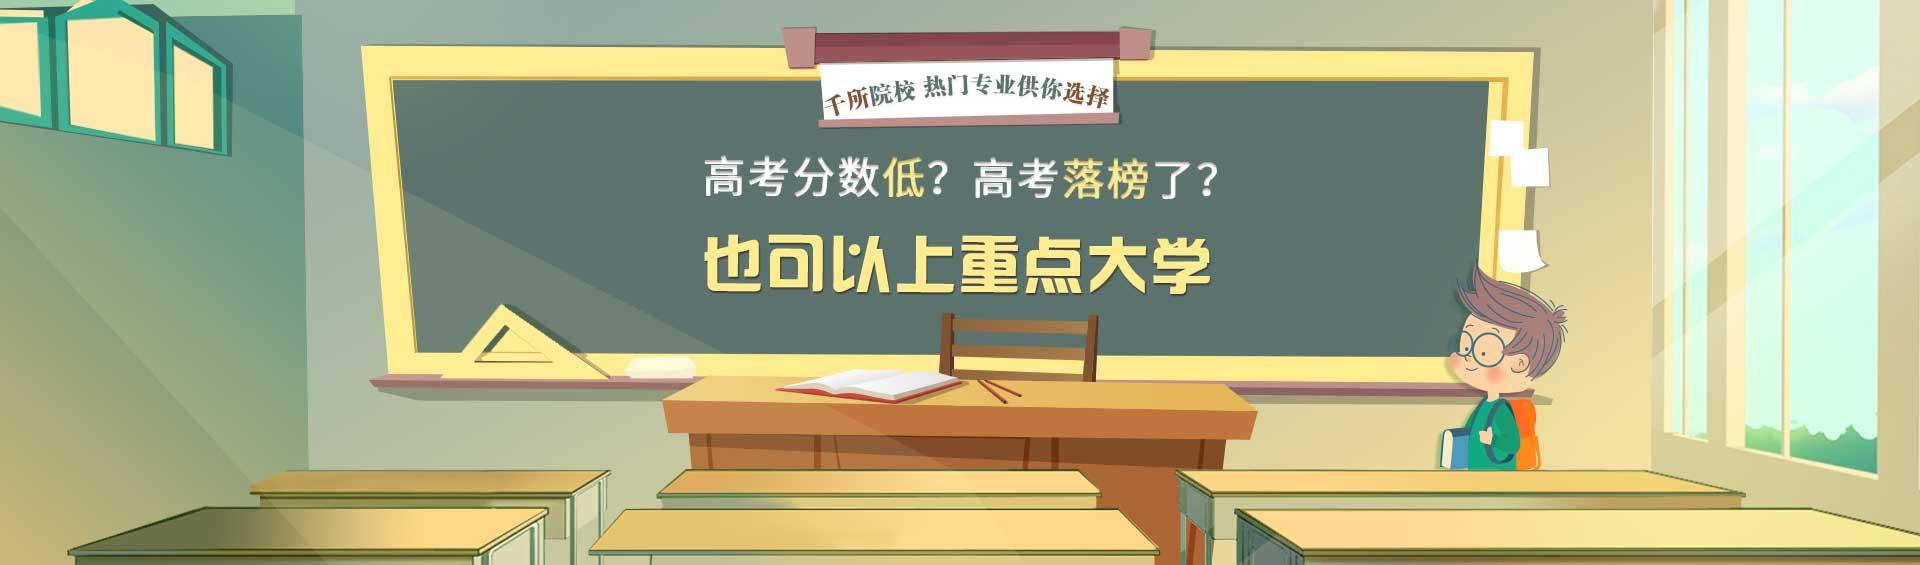 選擇職業學校